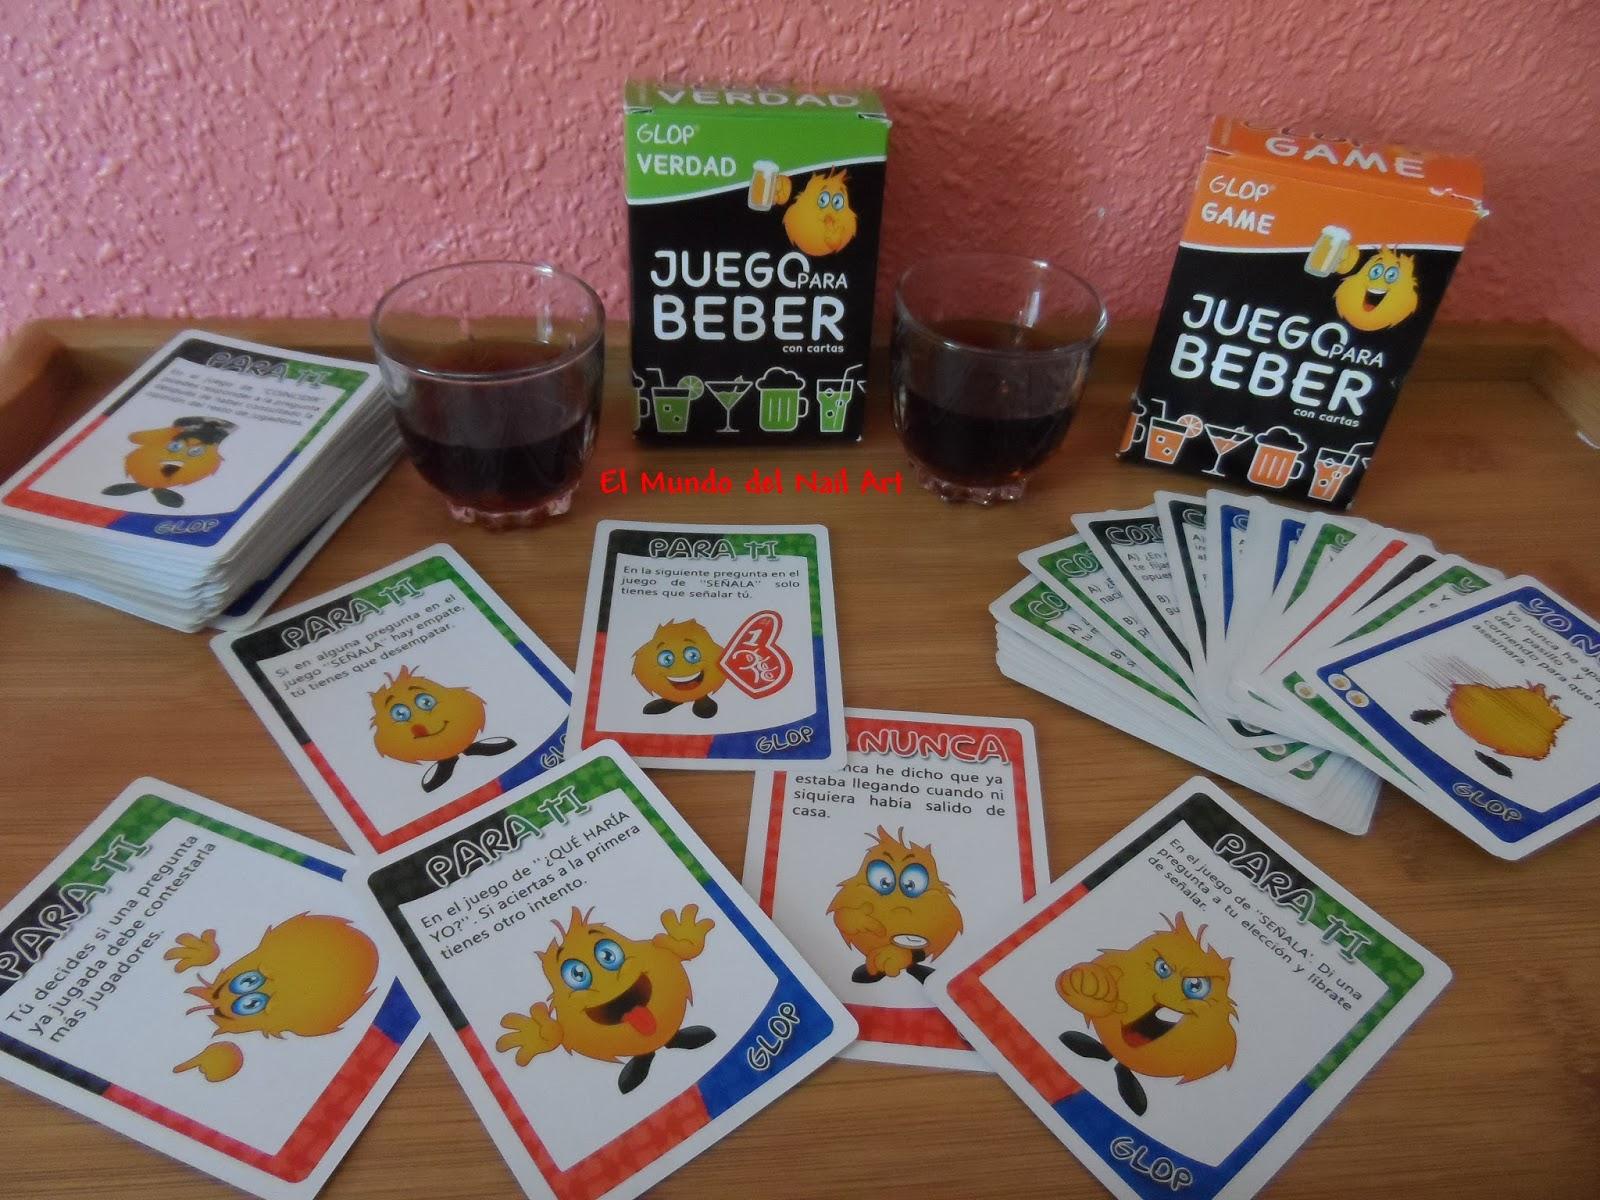 69647f966 Cada juego de cartas tienen un precio de 6,95€ y existen diferentes tipos de  barajas como: Glop Game, Glop Verdad, Yo nunca, Glop Erótico, Glop Prenda y  ...